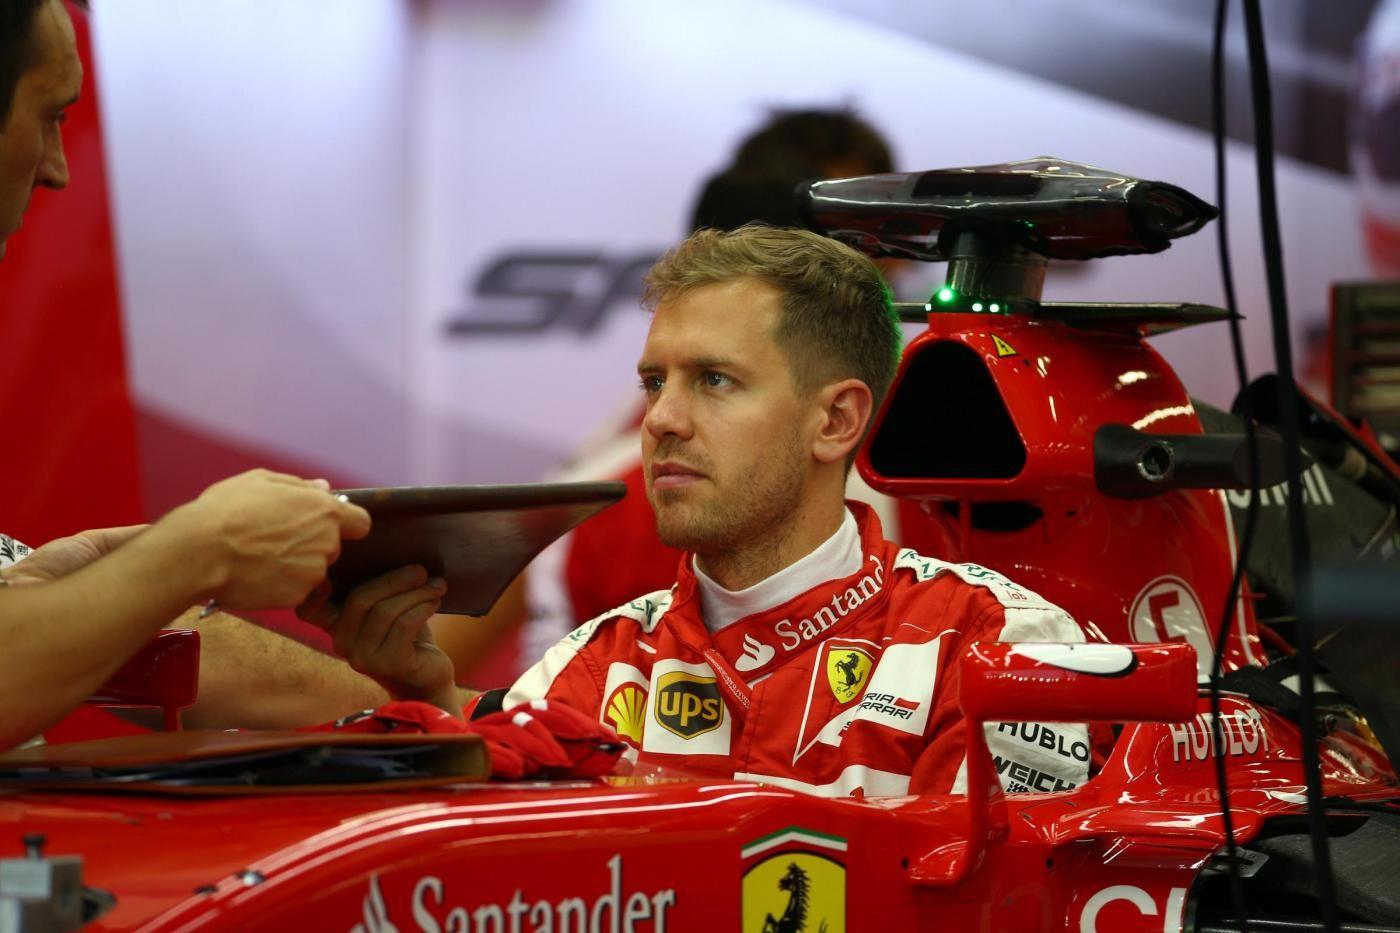 F1 Gp Monaco domenica 26 maggio: analisi e pronostico della sesta gara del Mondiale di Formula 1. Si corre nella suggestiva Montecarlo